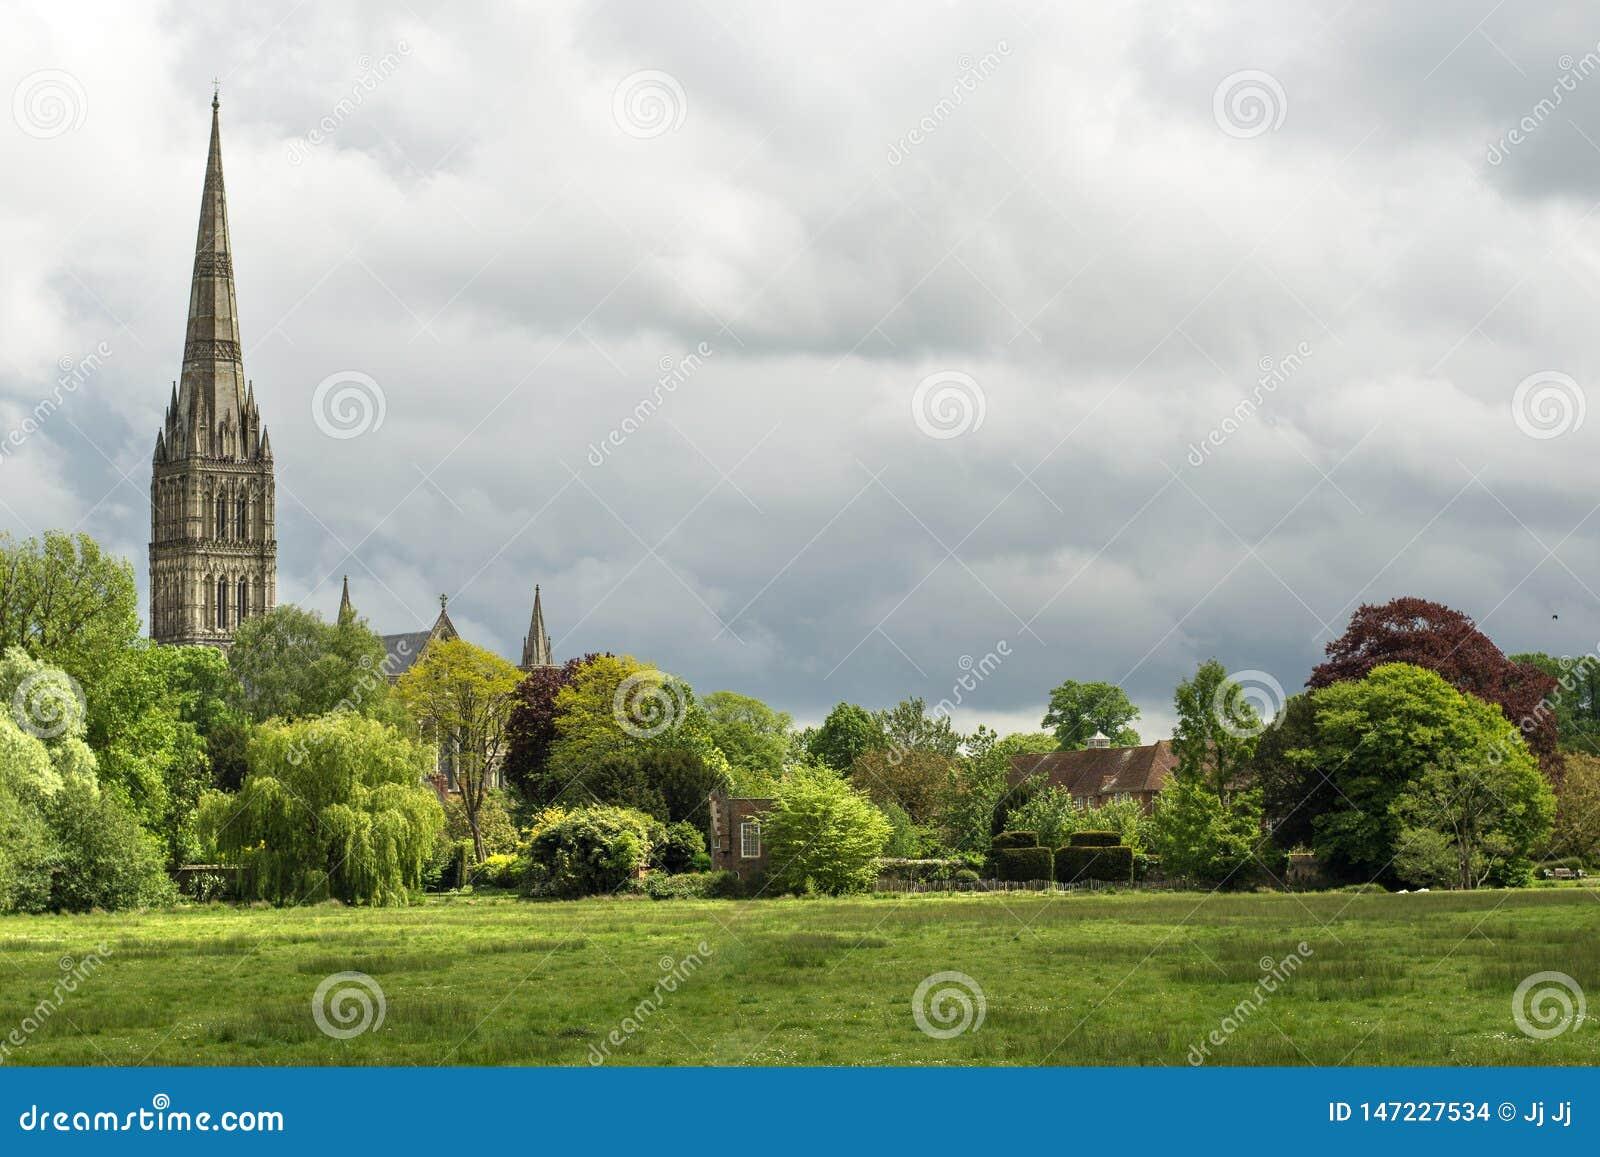 Зеленый ландшафт с собором Солсбери на заднем плане